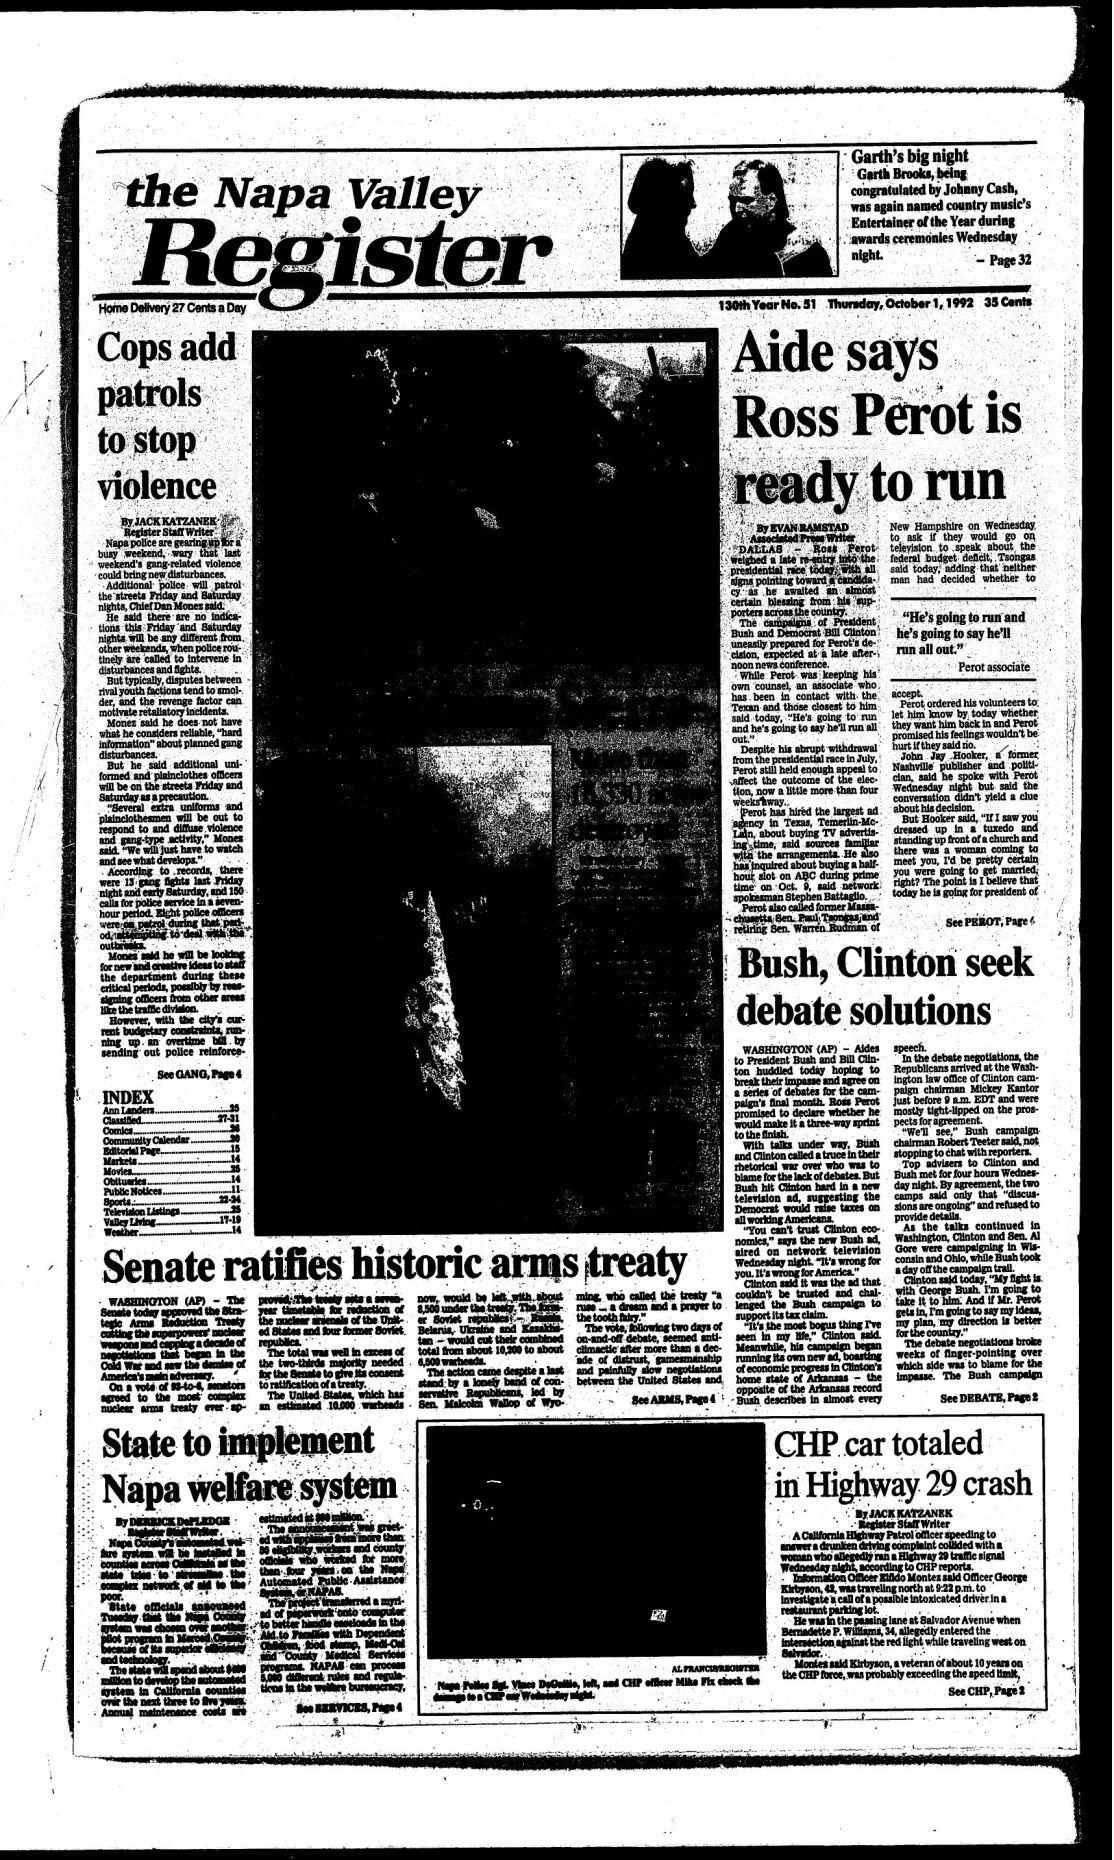 Oct. 1, 1992